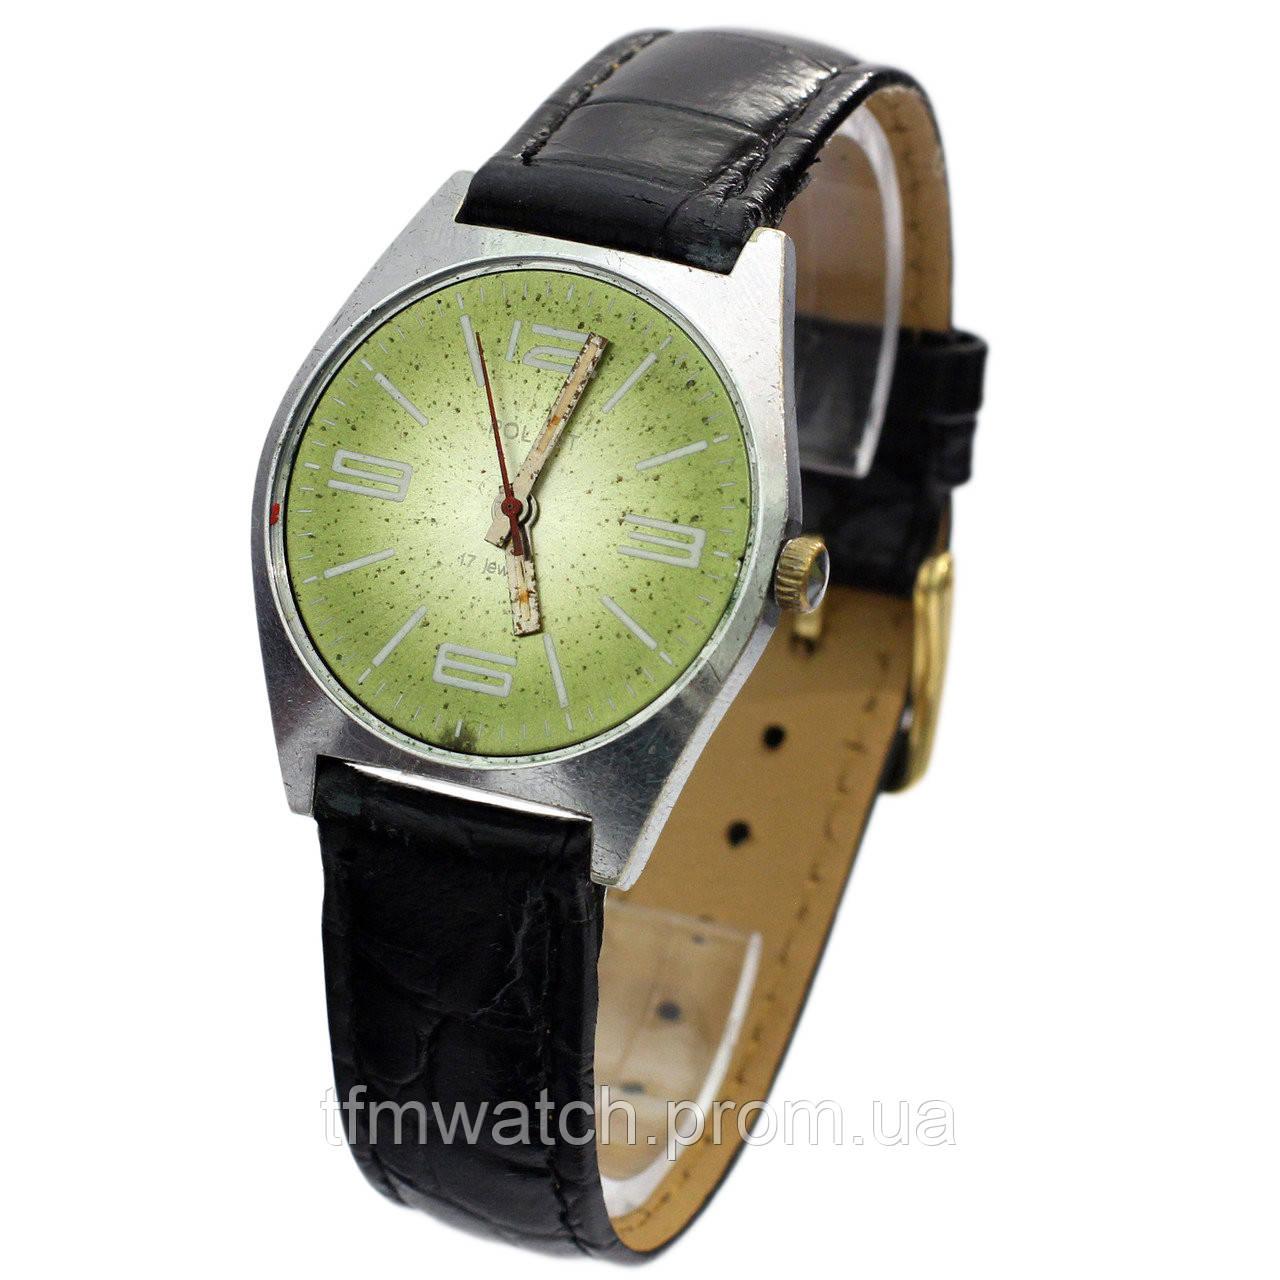 Купить часы полет механические в москве наручные мужские часы cardi